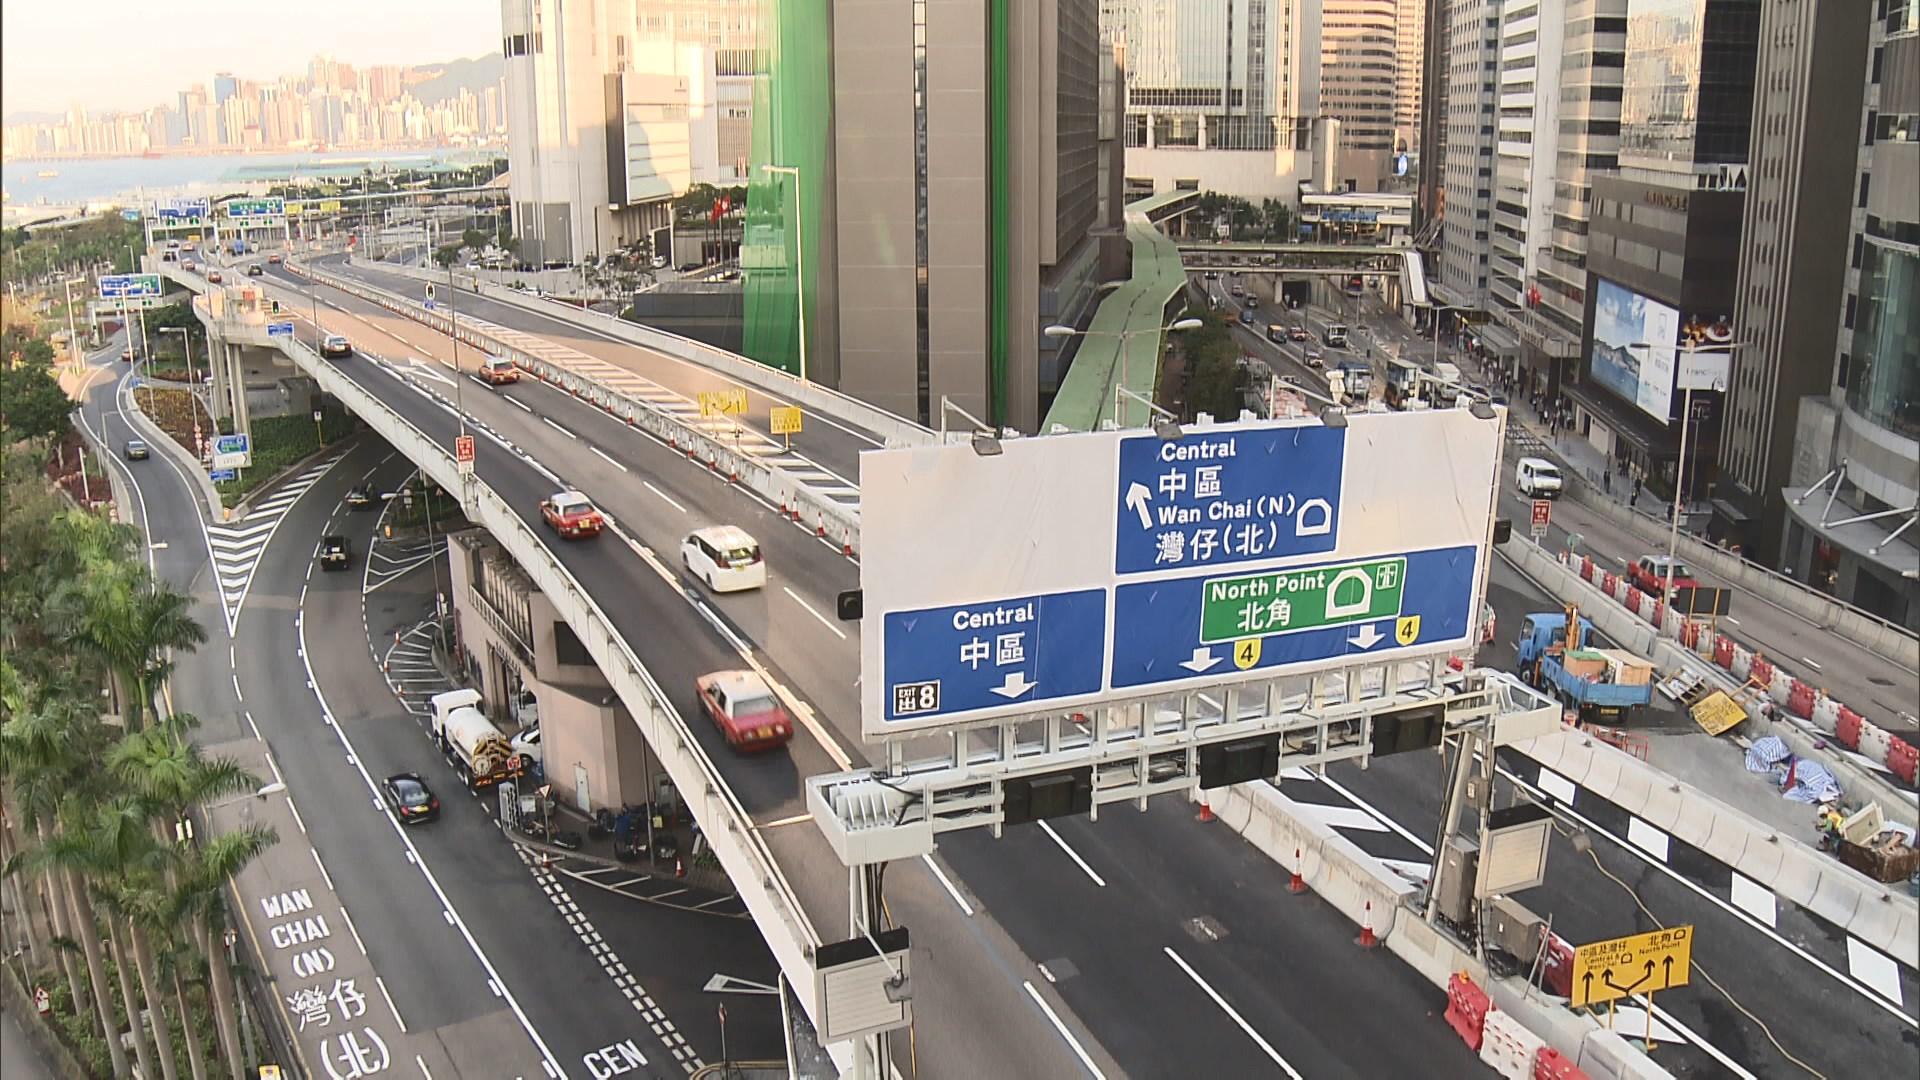 繞道周日全面開通 運輸署將更新及加設路牌